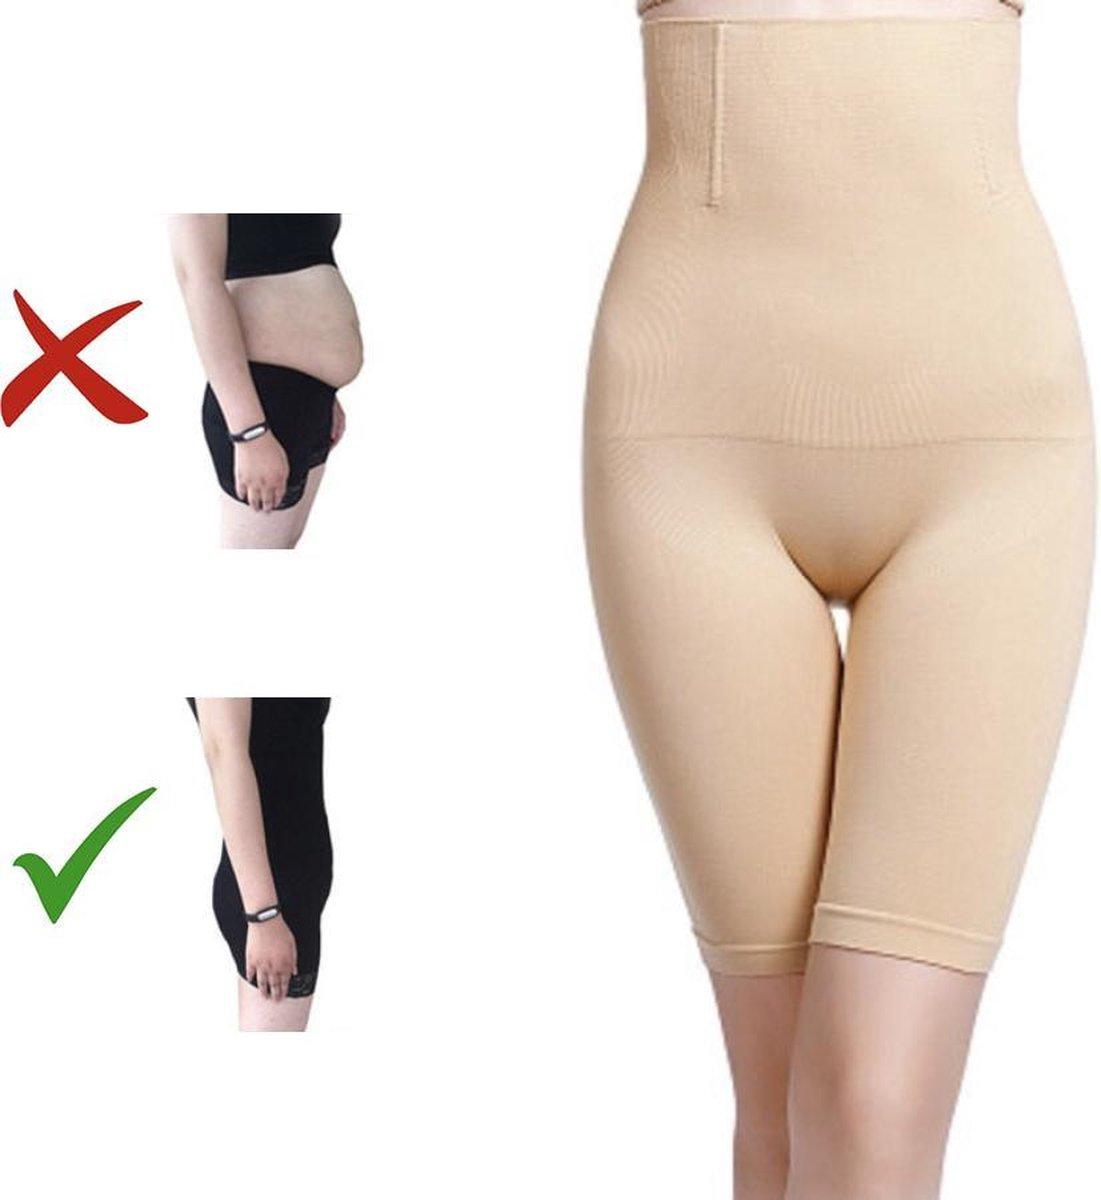 Shapewear dames   Maat XXXXXL   Cr me kleur   Voor billen, buik en dijen   Corrigerend ondergoed   W